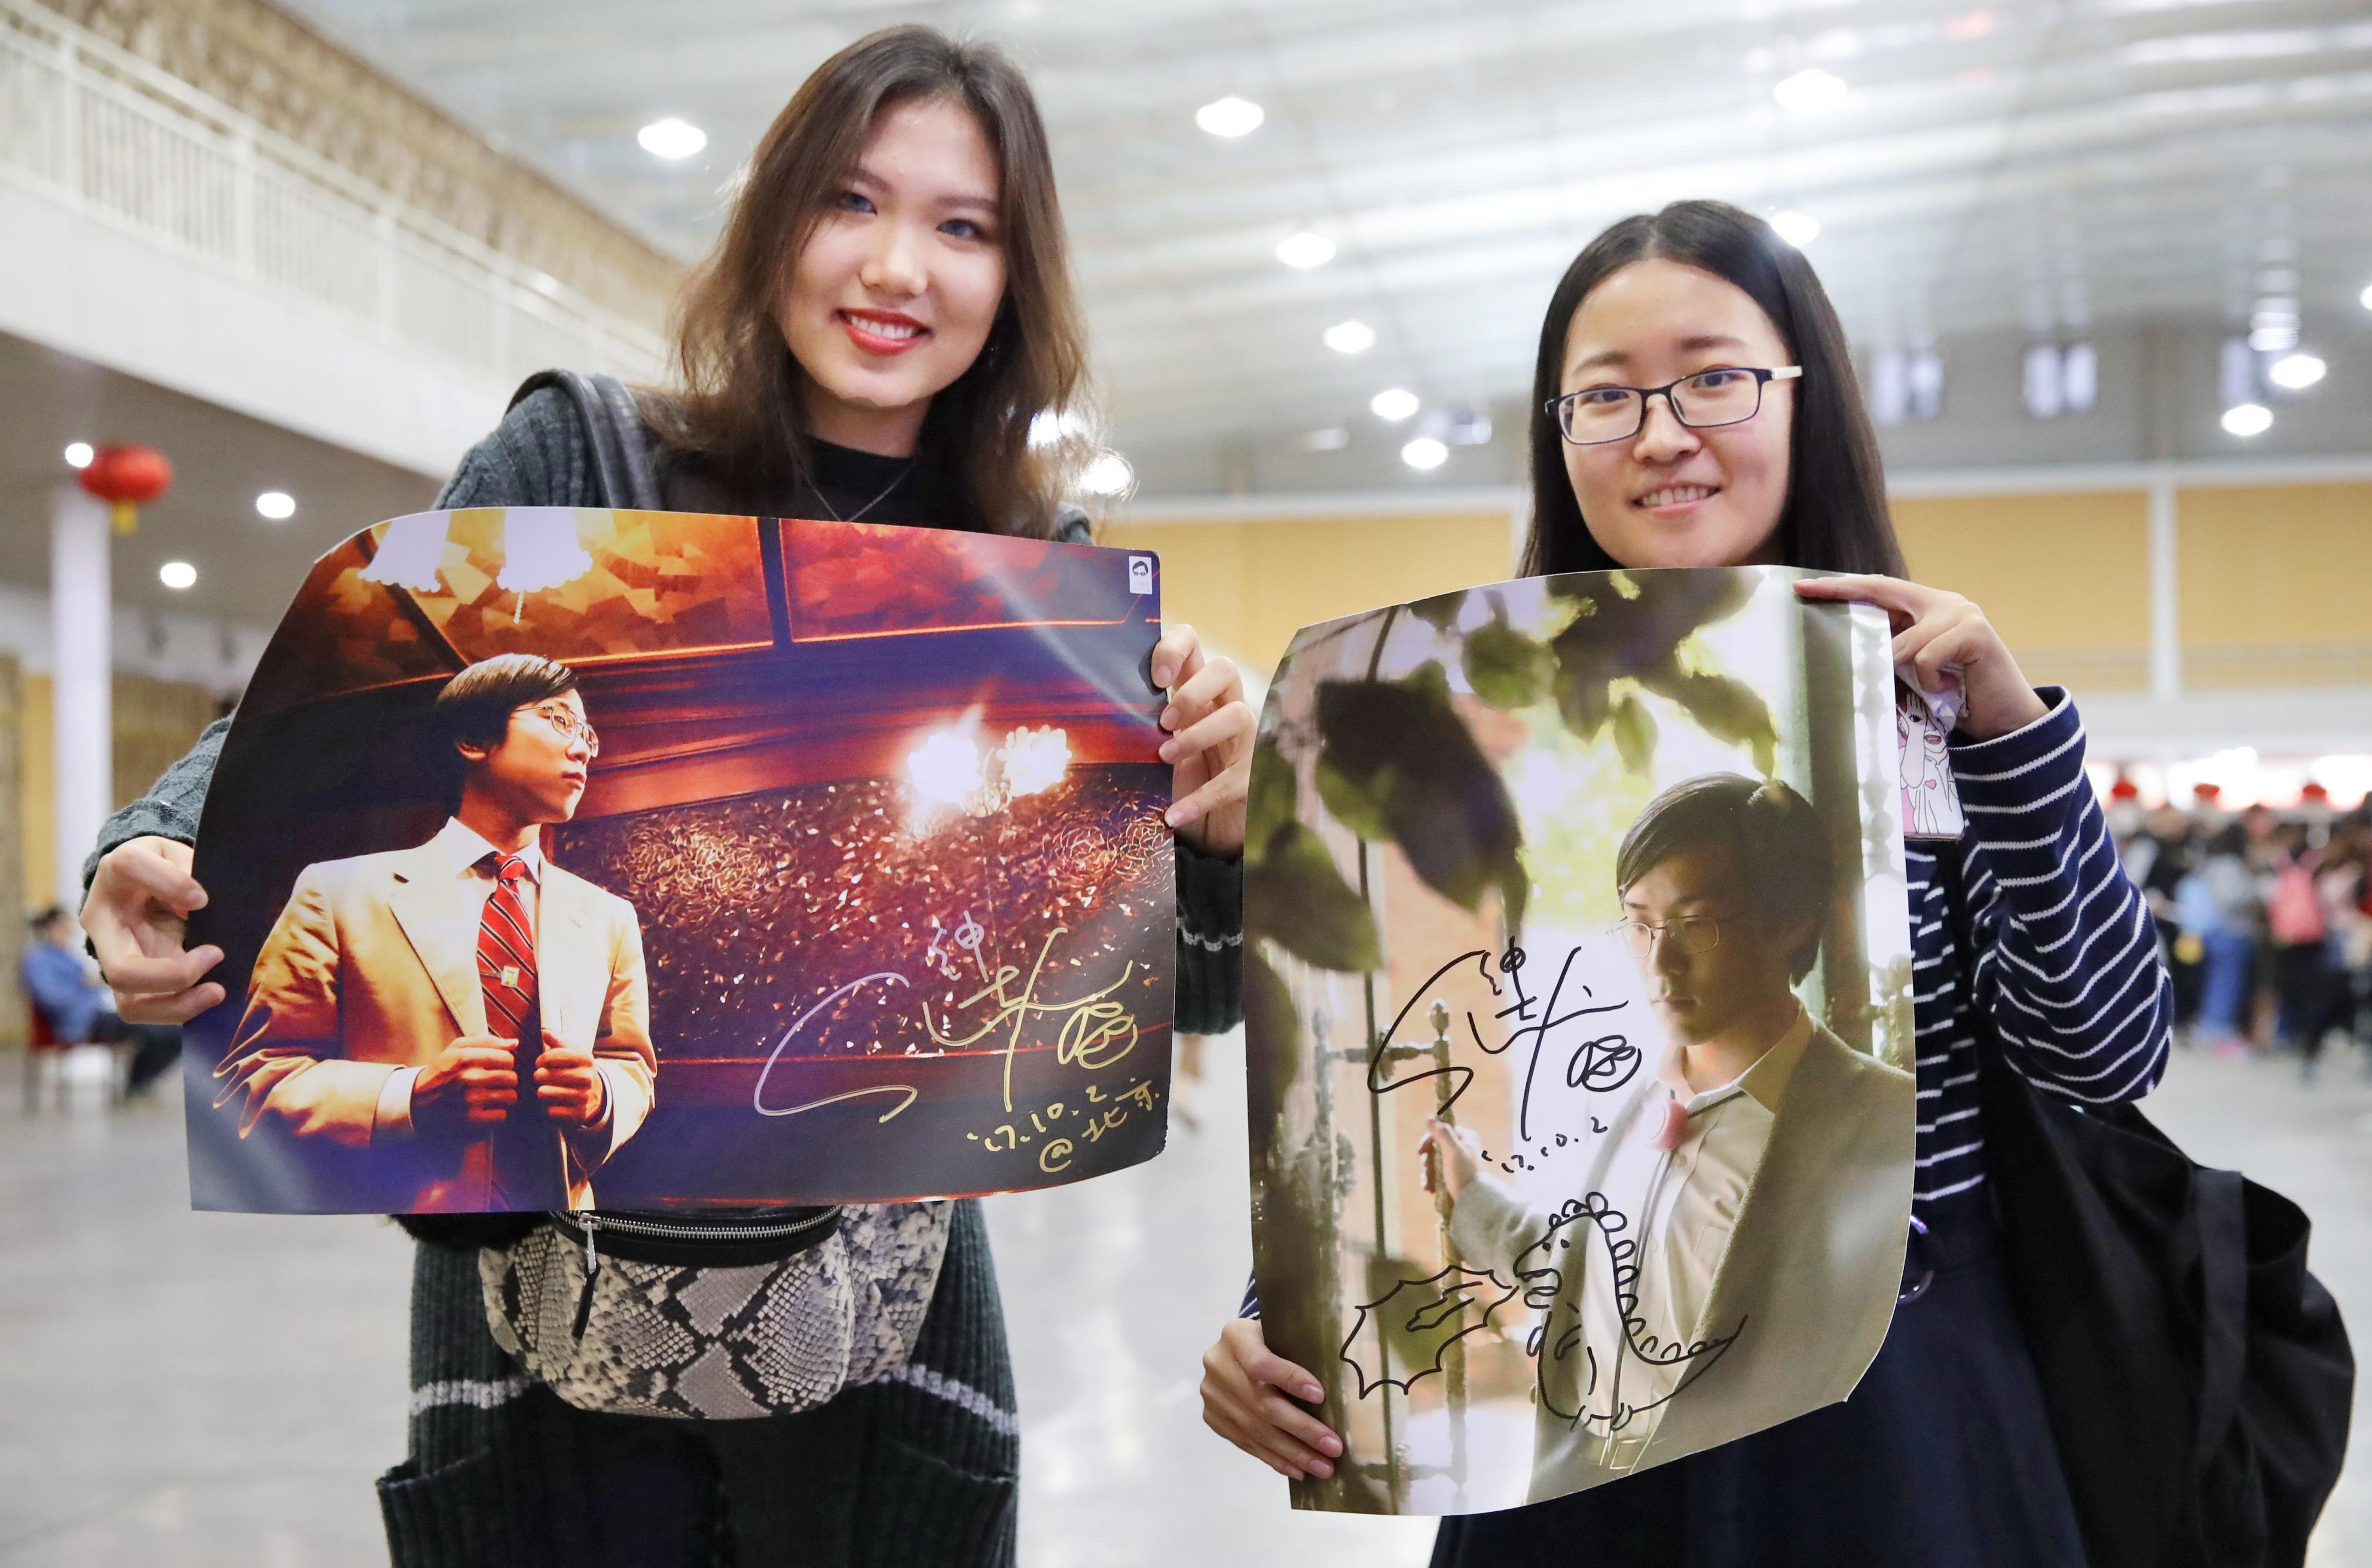 北京で開かれたイベントで、山下智博のサイン入りポスターを手にする女性ファン(撮影・山内大輝、共同)